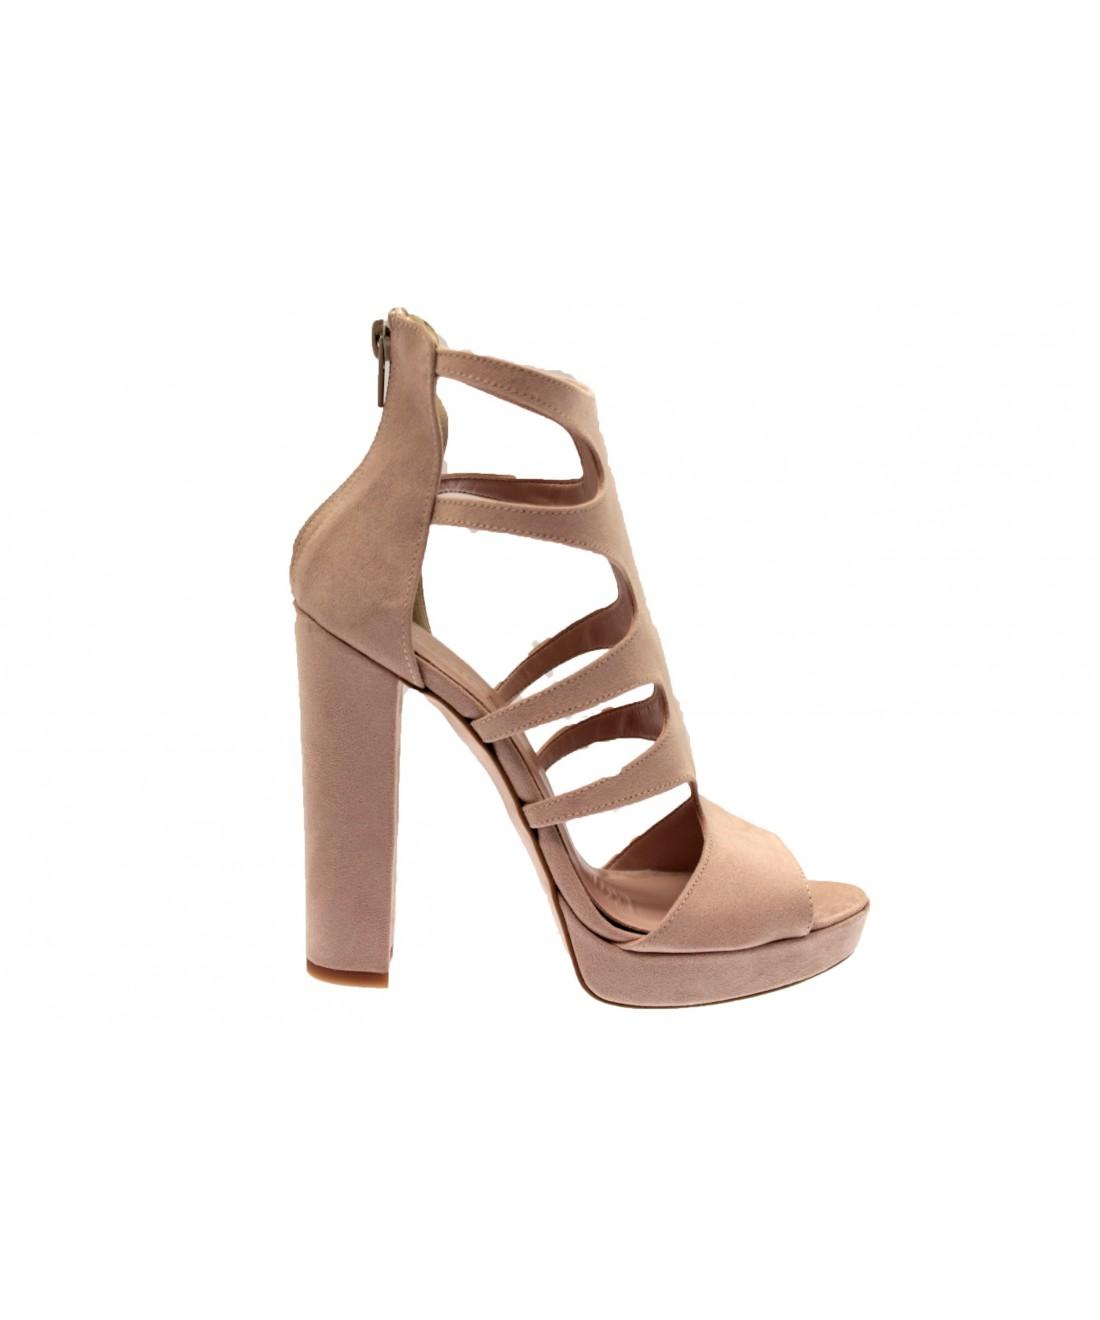 d47d537872568 Une ligne talon carré sur robe de daim rose poudré signée OSMOSE shoes